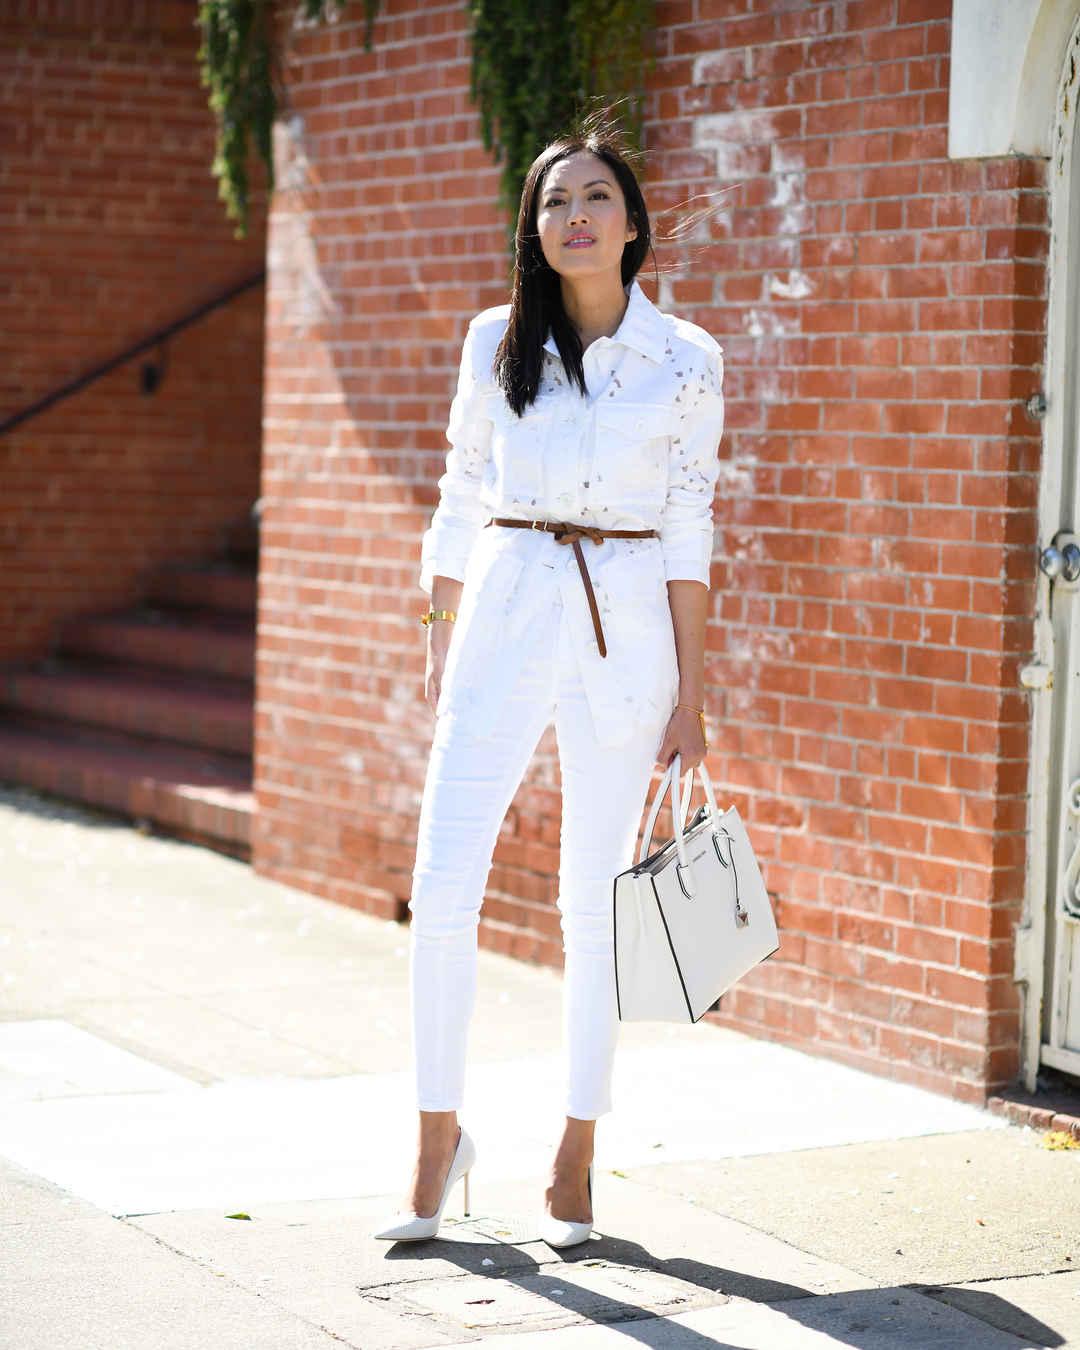 Модный офисный стиль 2019-2020 с брюками фото идеи_23